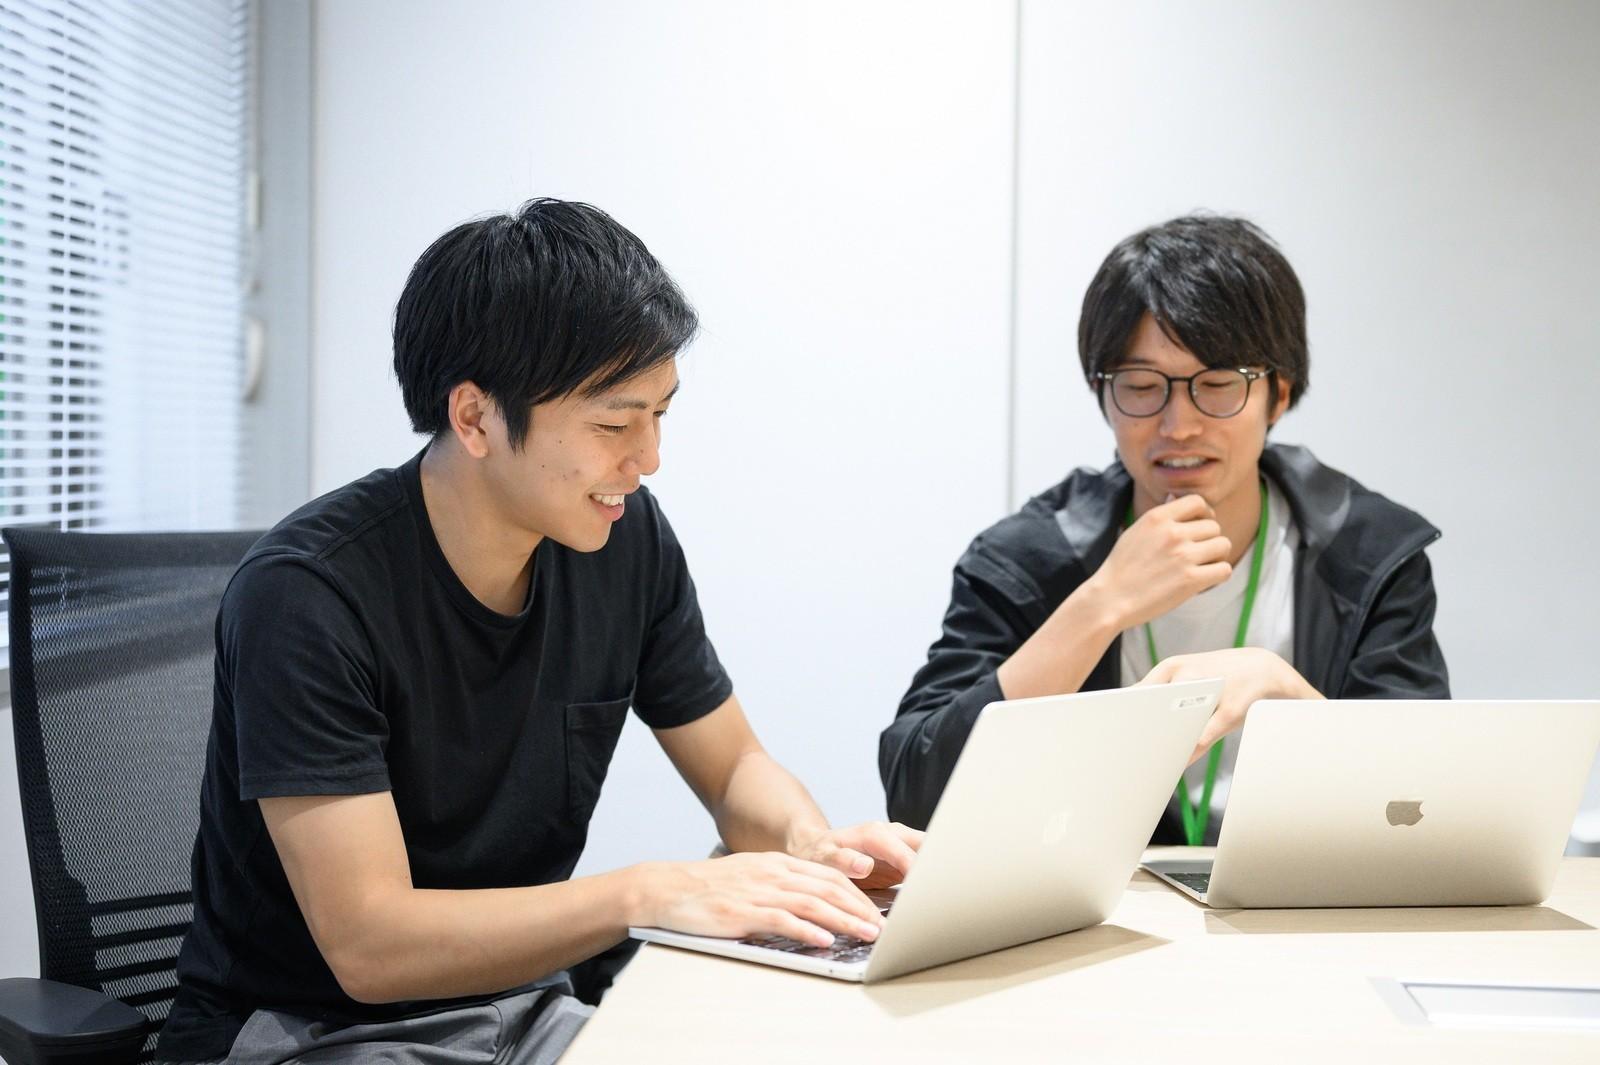 オフラインデータ活用で日本のマーケティングを加速させるプロジェクトリーダー募集!